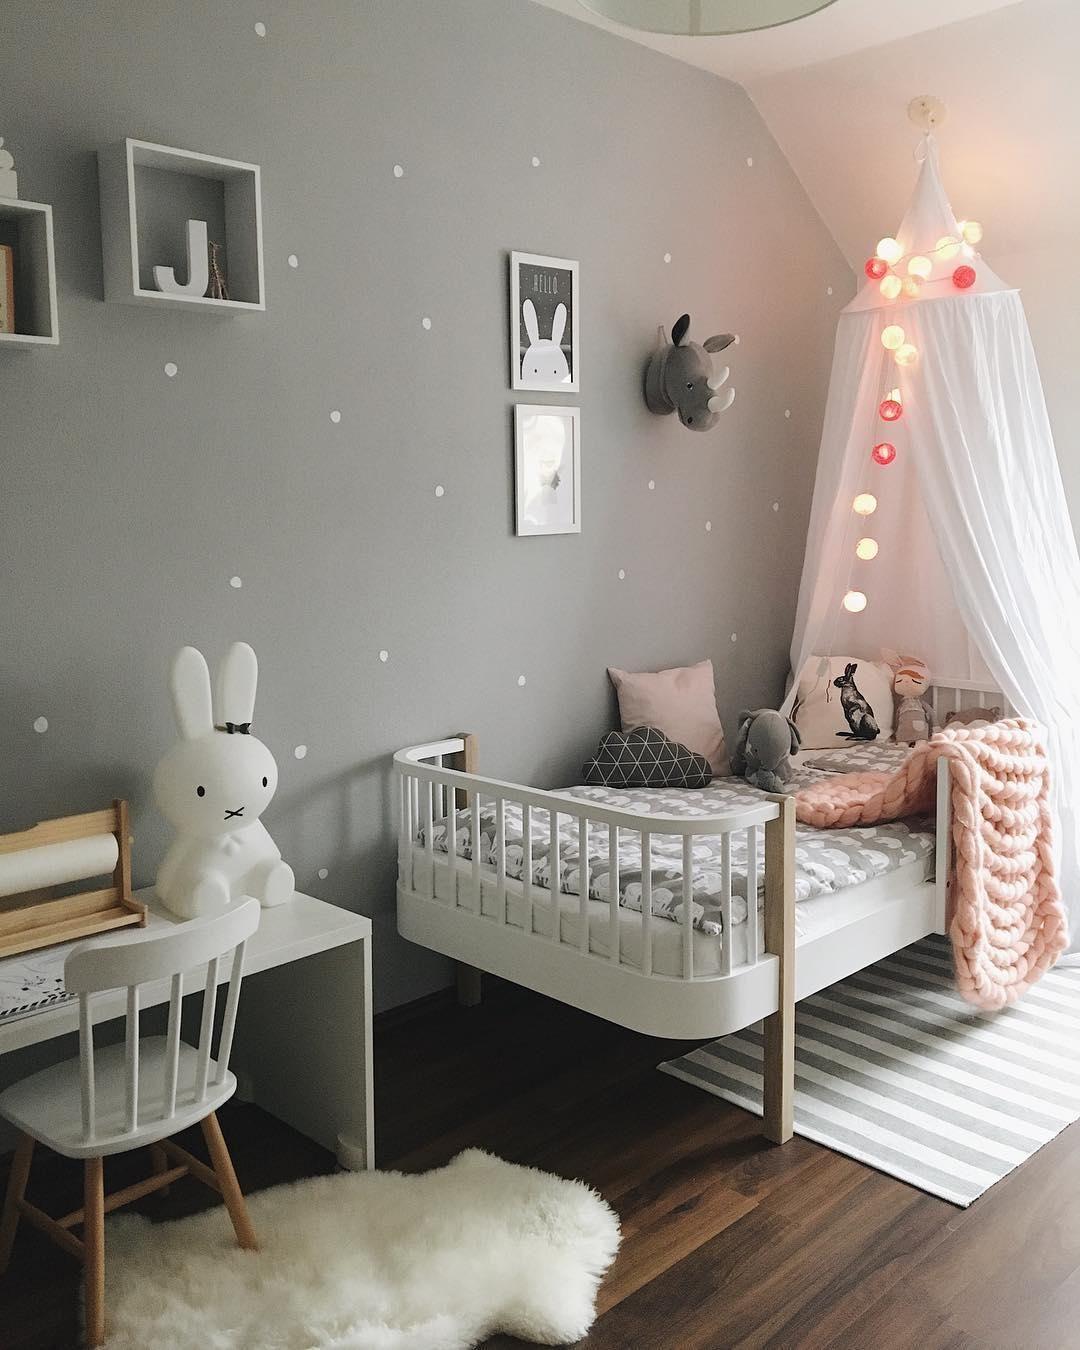 cuteness overload in diesem liebevoll eingerichteten kinderzimmer k nnen sich die kleinen nur. Black Bedroom Furniture Sets. Home Design Ideas